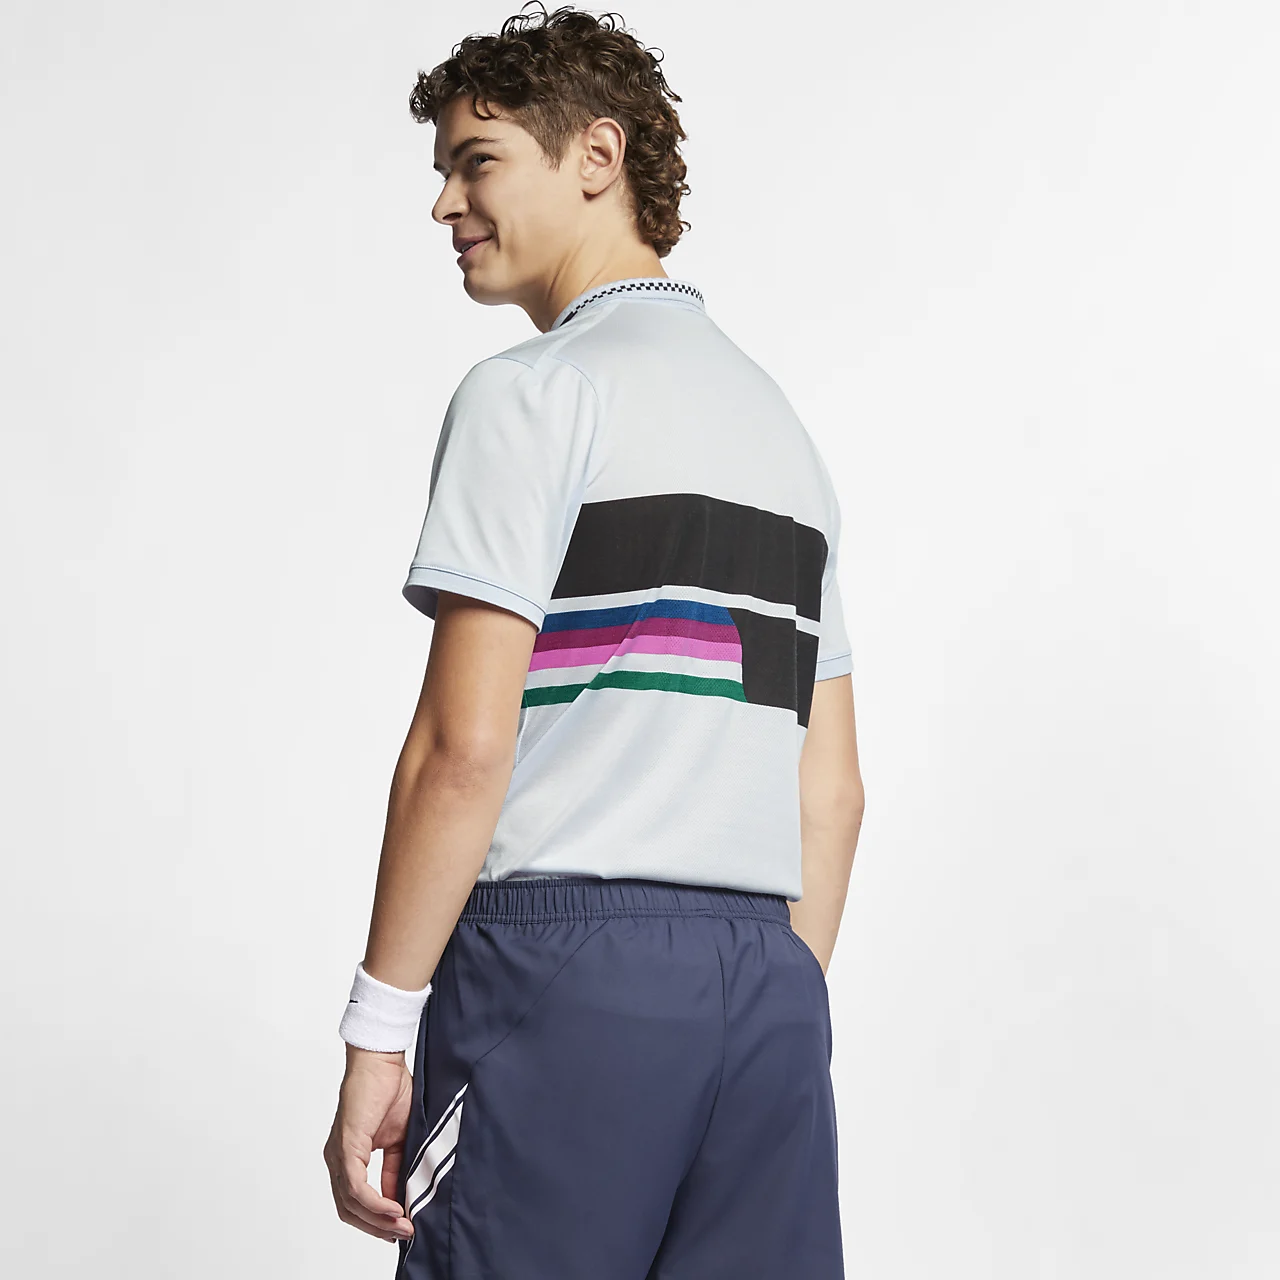 NikeCourt Men's Tennis Polo AJ7847-442